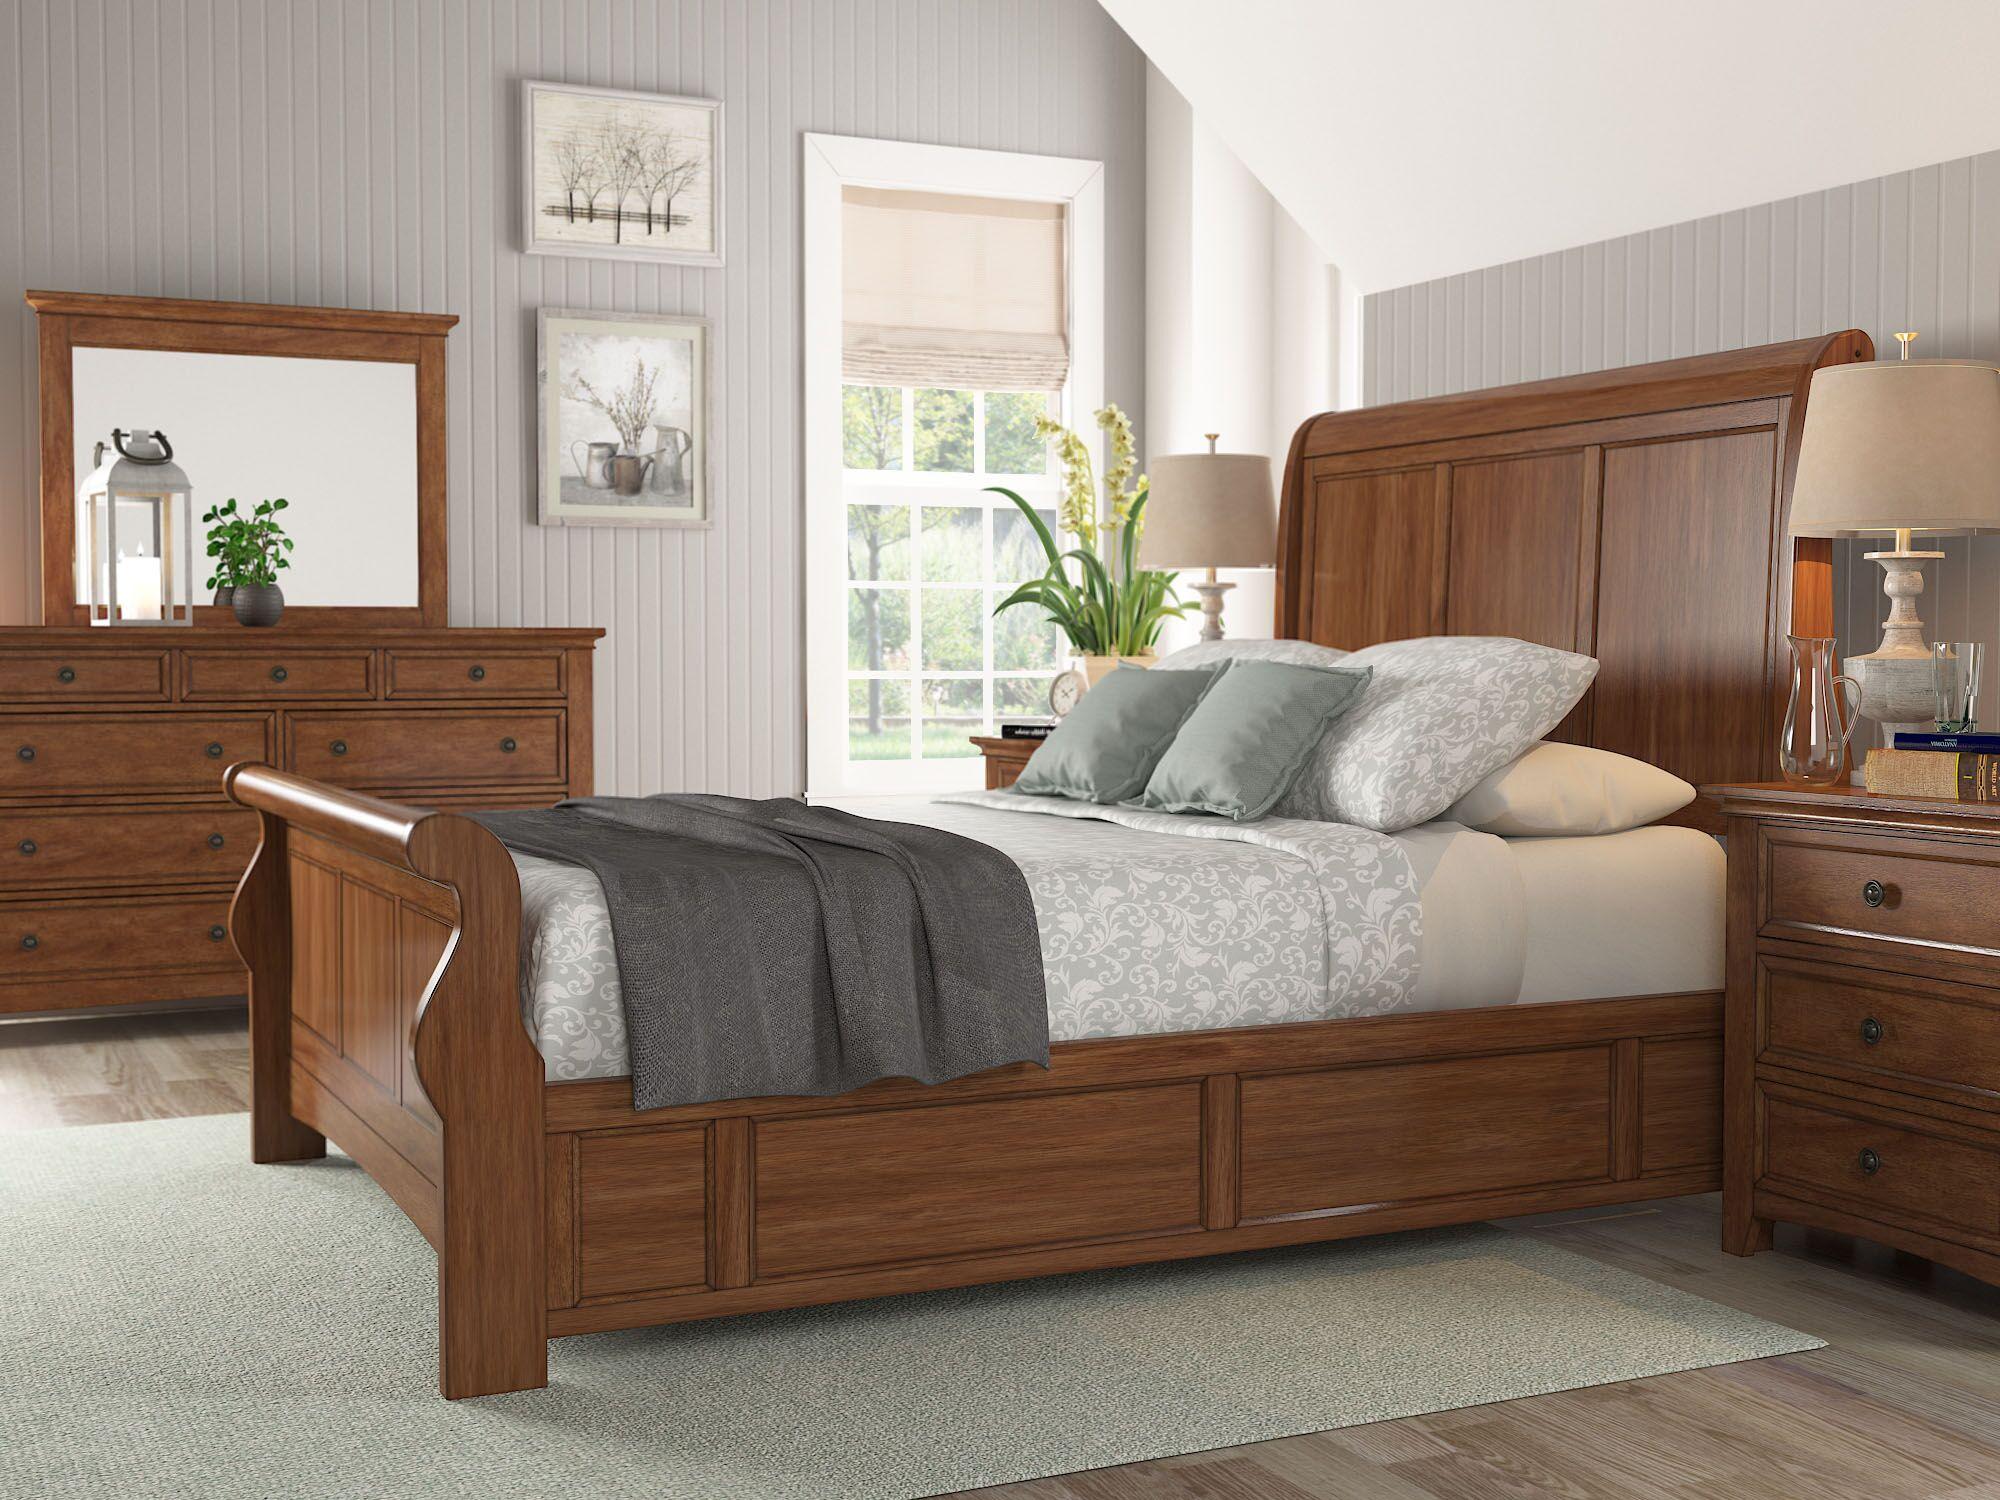 Sefton Storage Sleigh Bed Color: Oak, Size: King